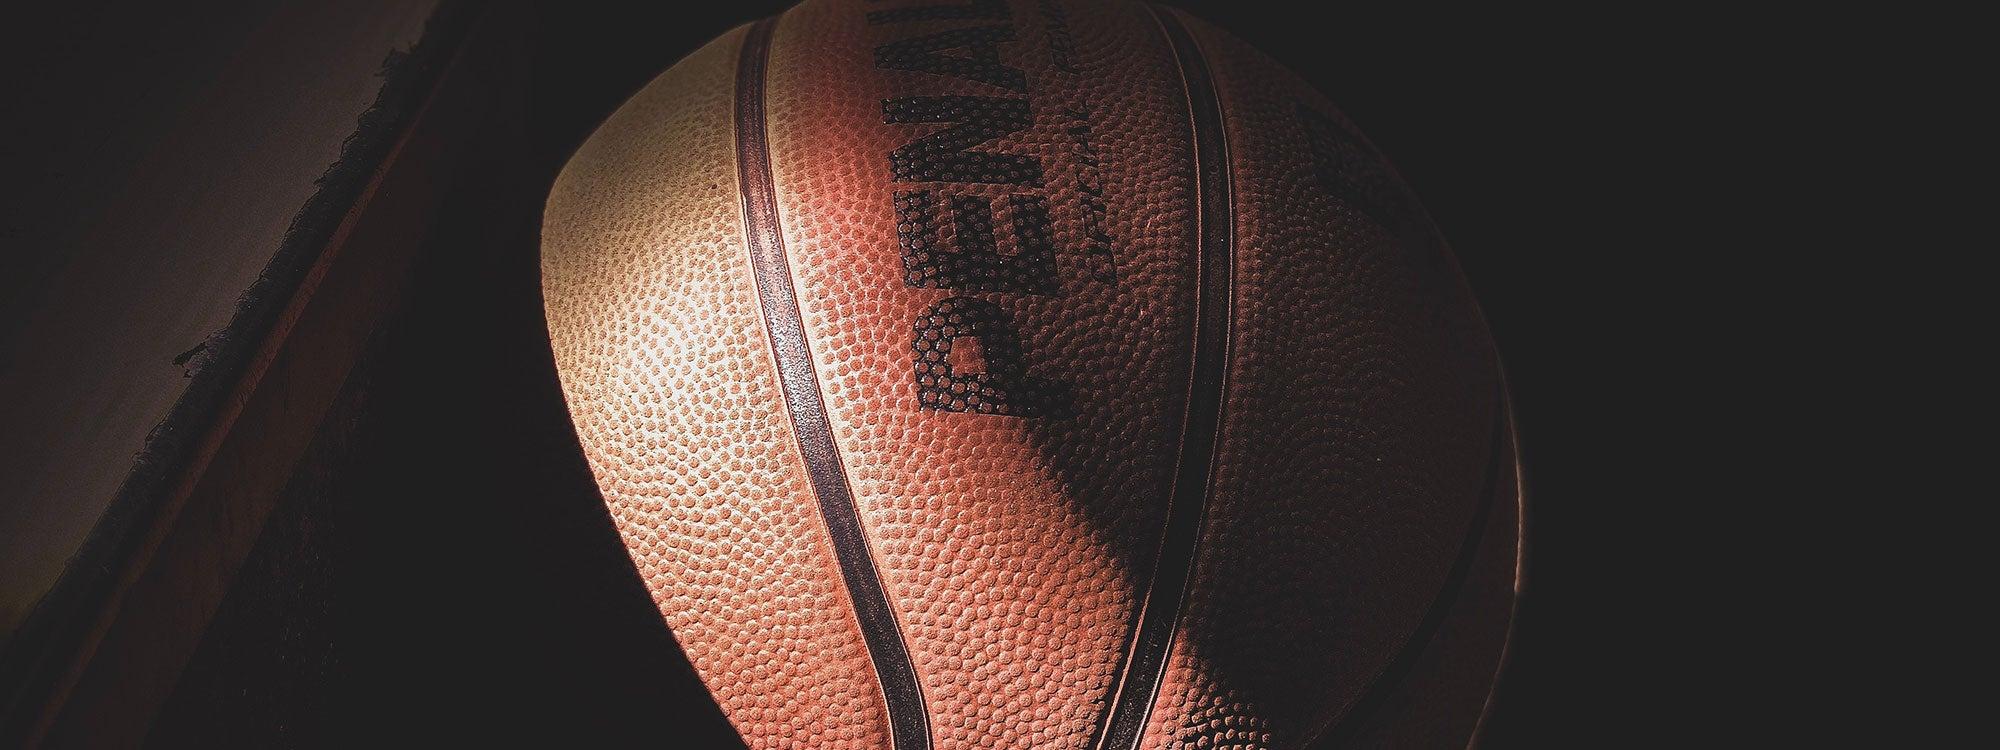 WIAA High School Basketball